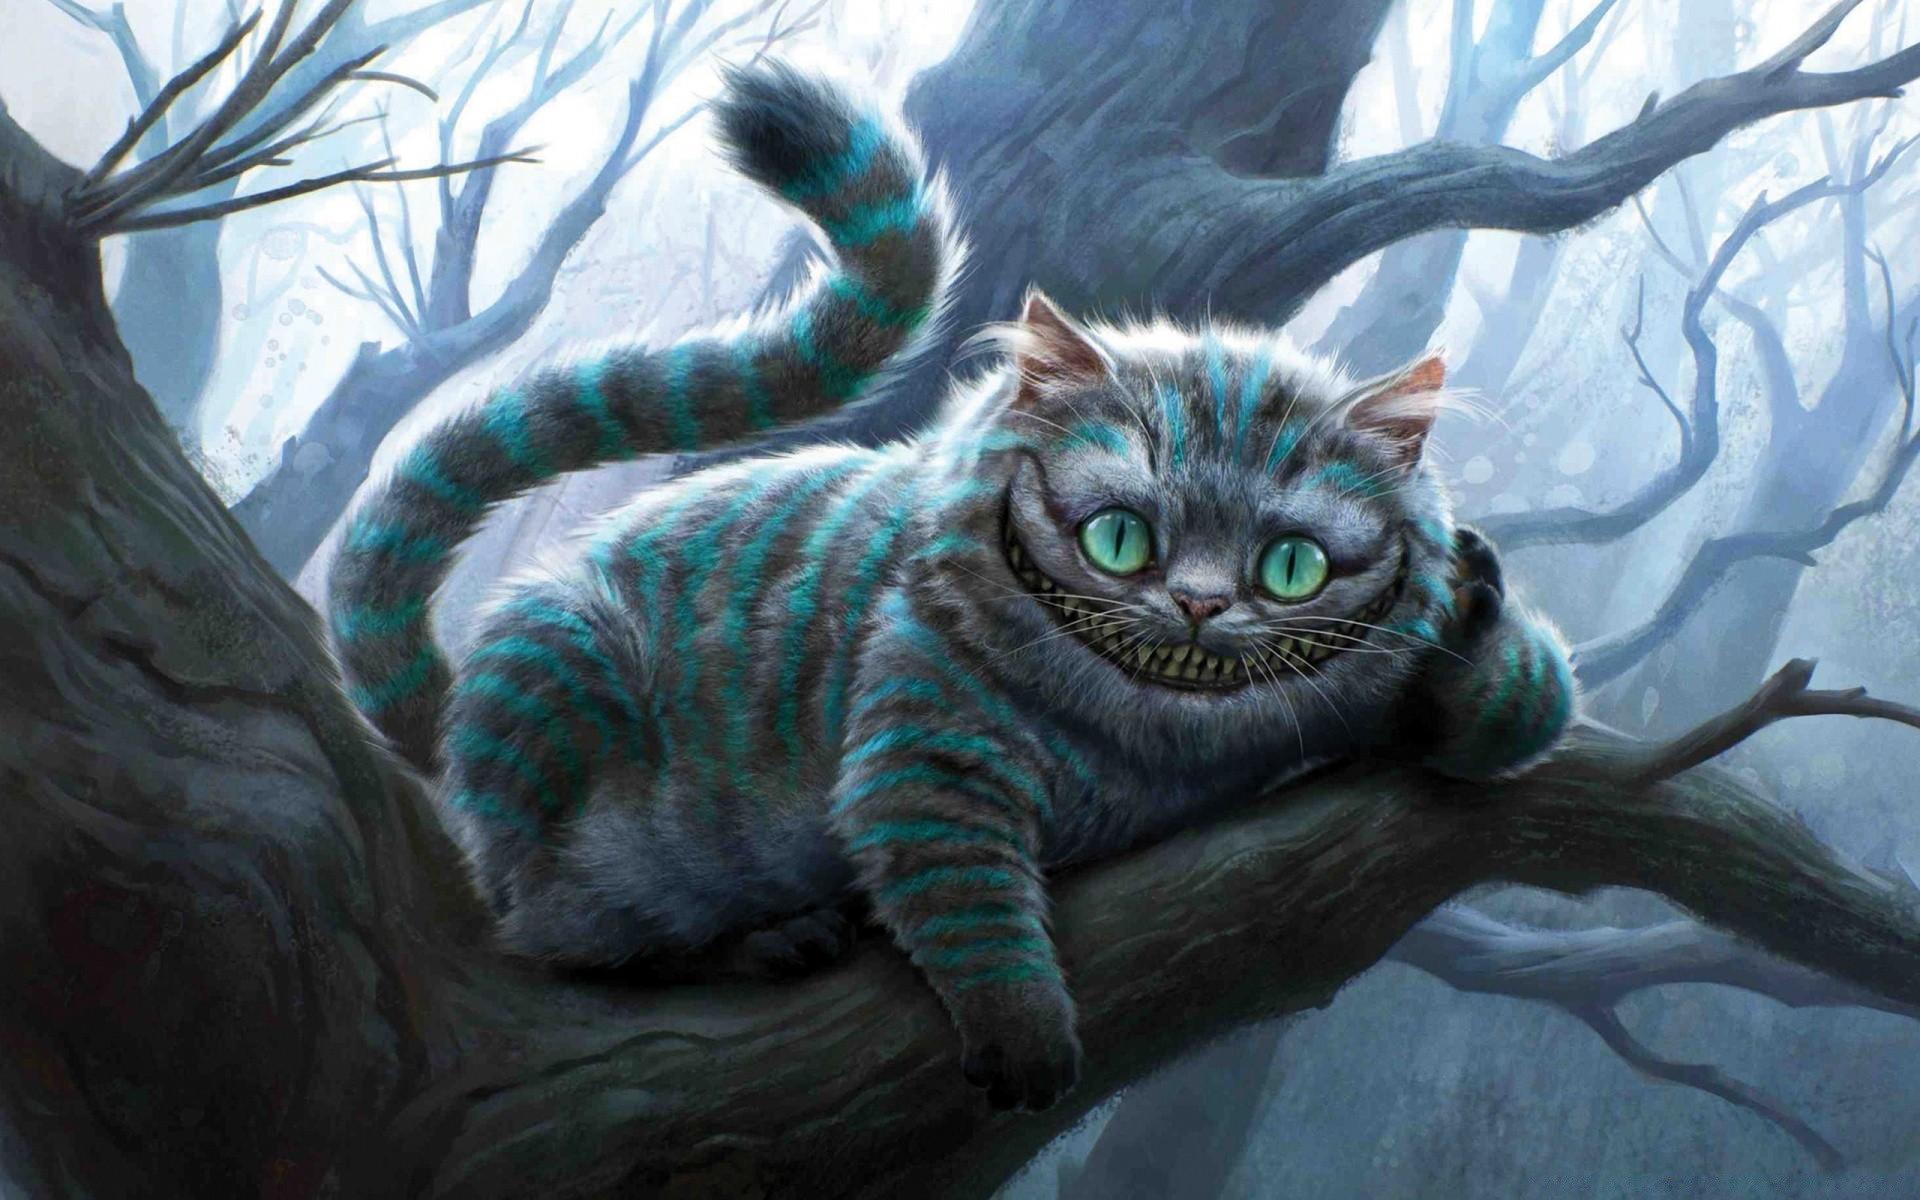 Картинки с чеширским котом из фильма алиса, сентября